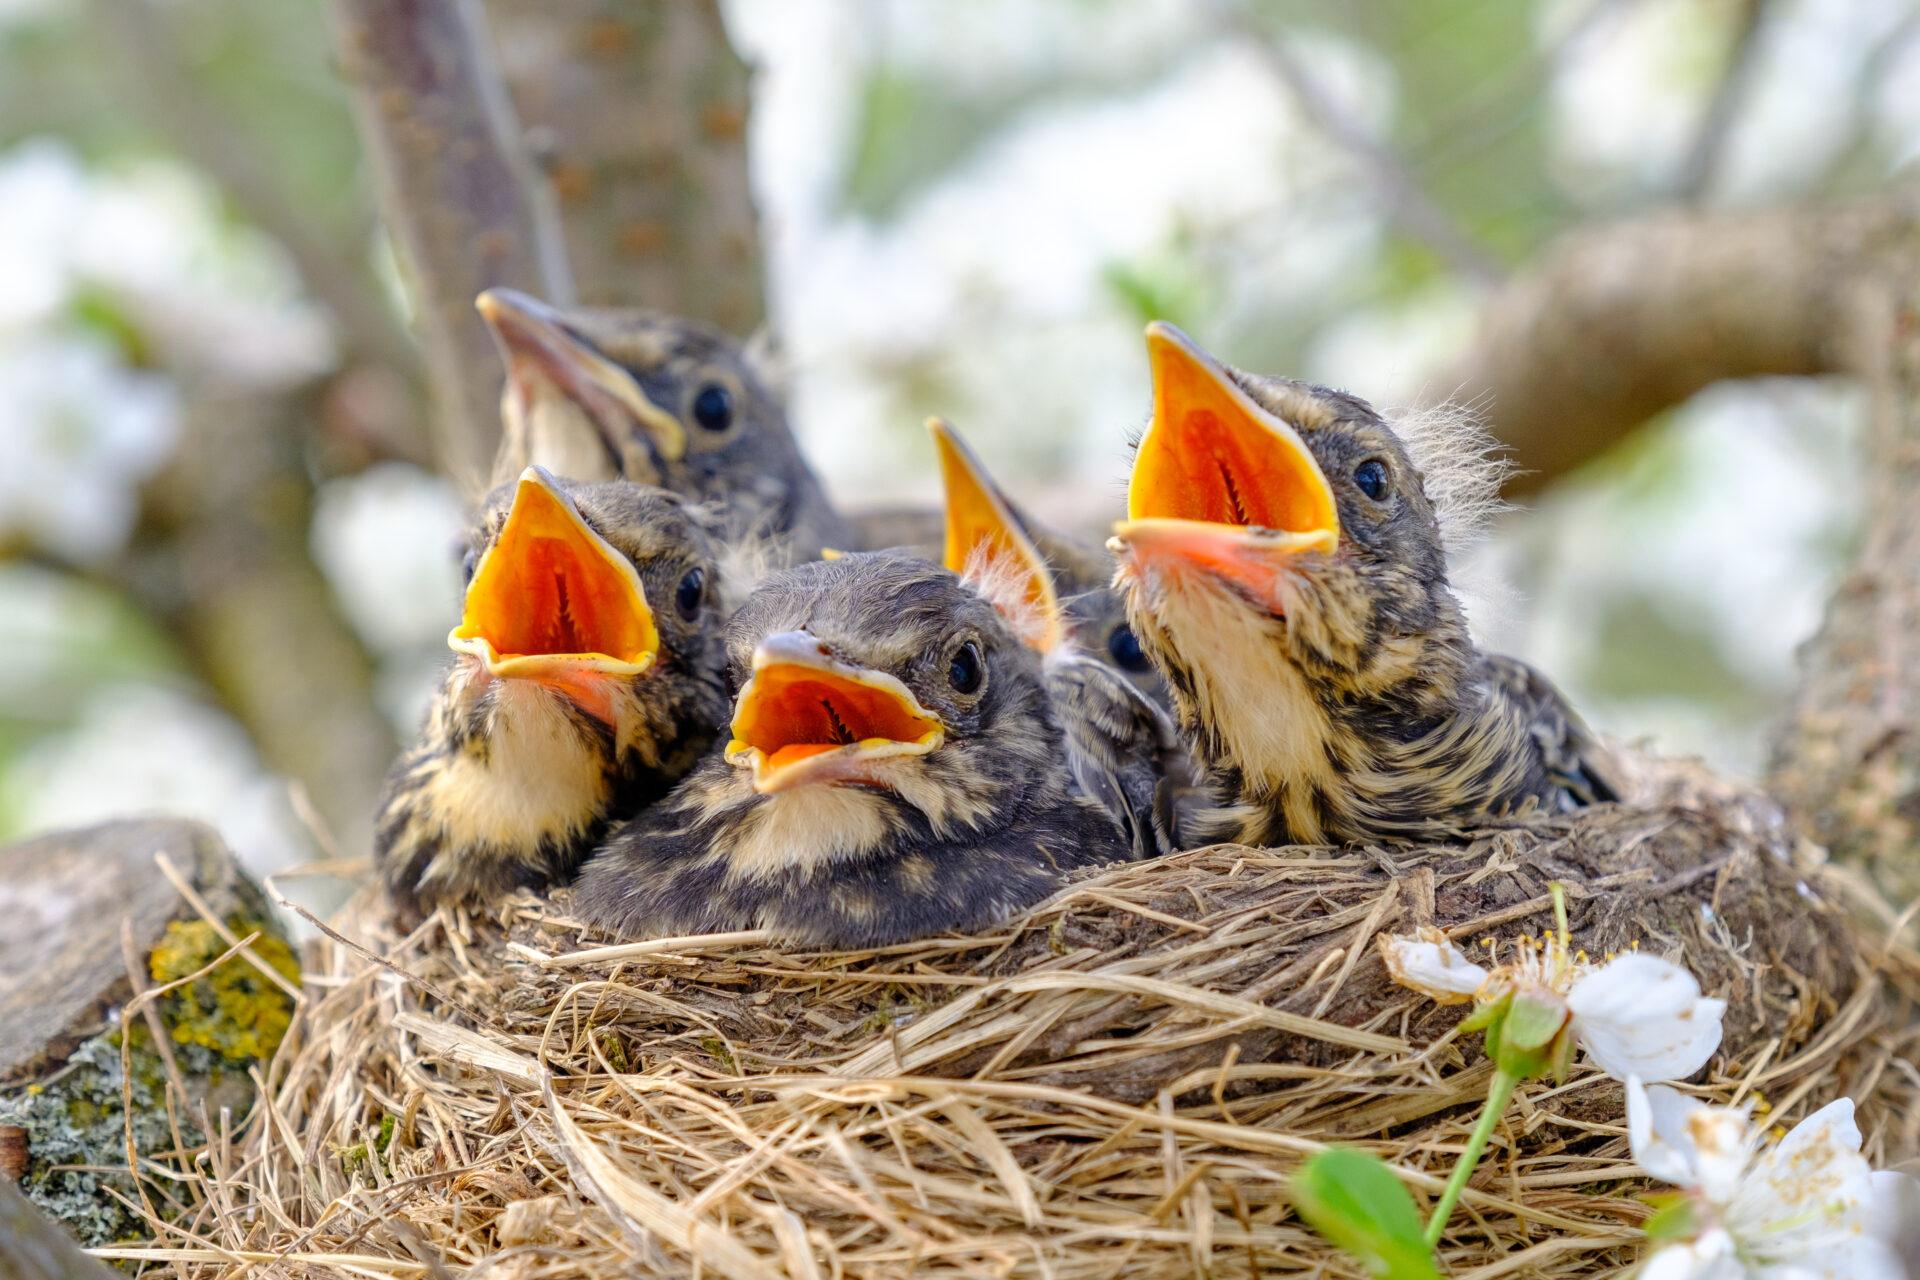 Nestlinge sitzen im Vogelnest und verlangen nach Futter.